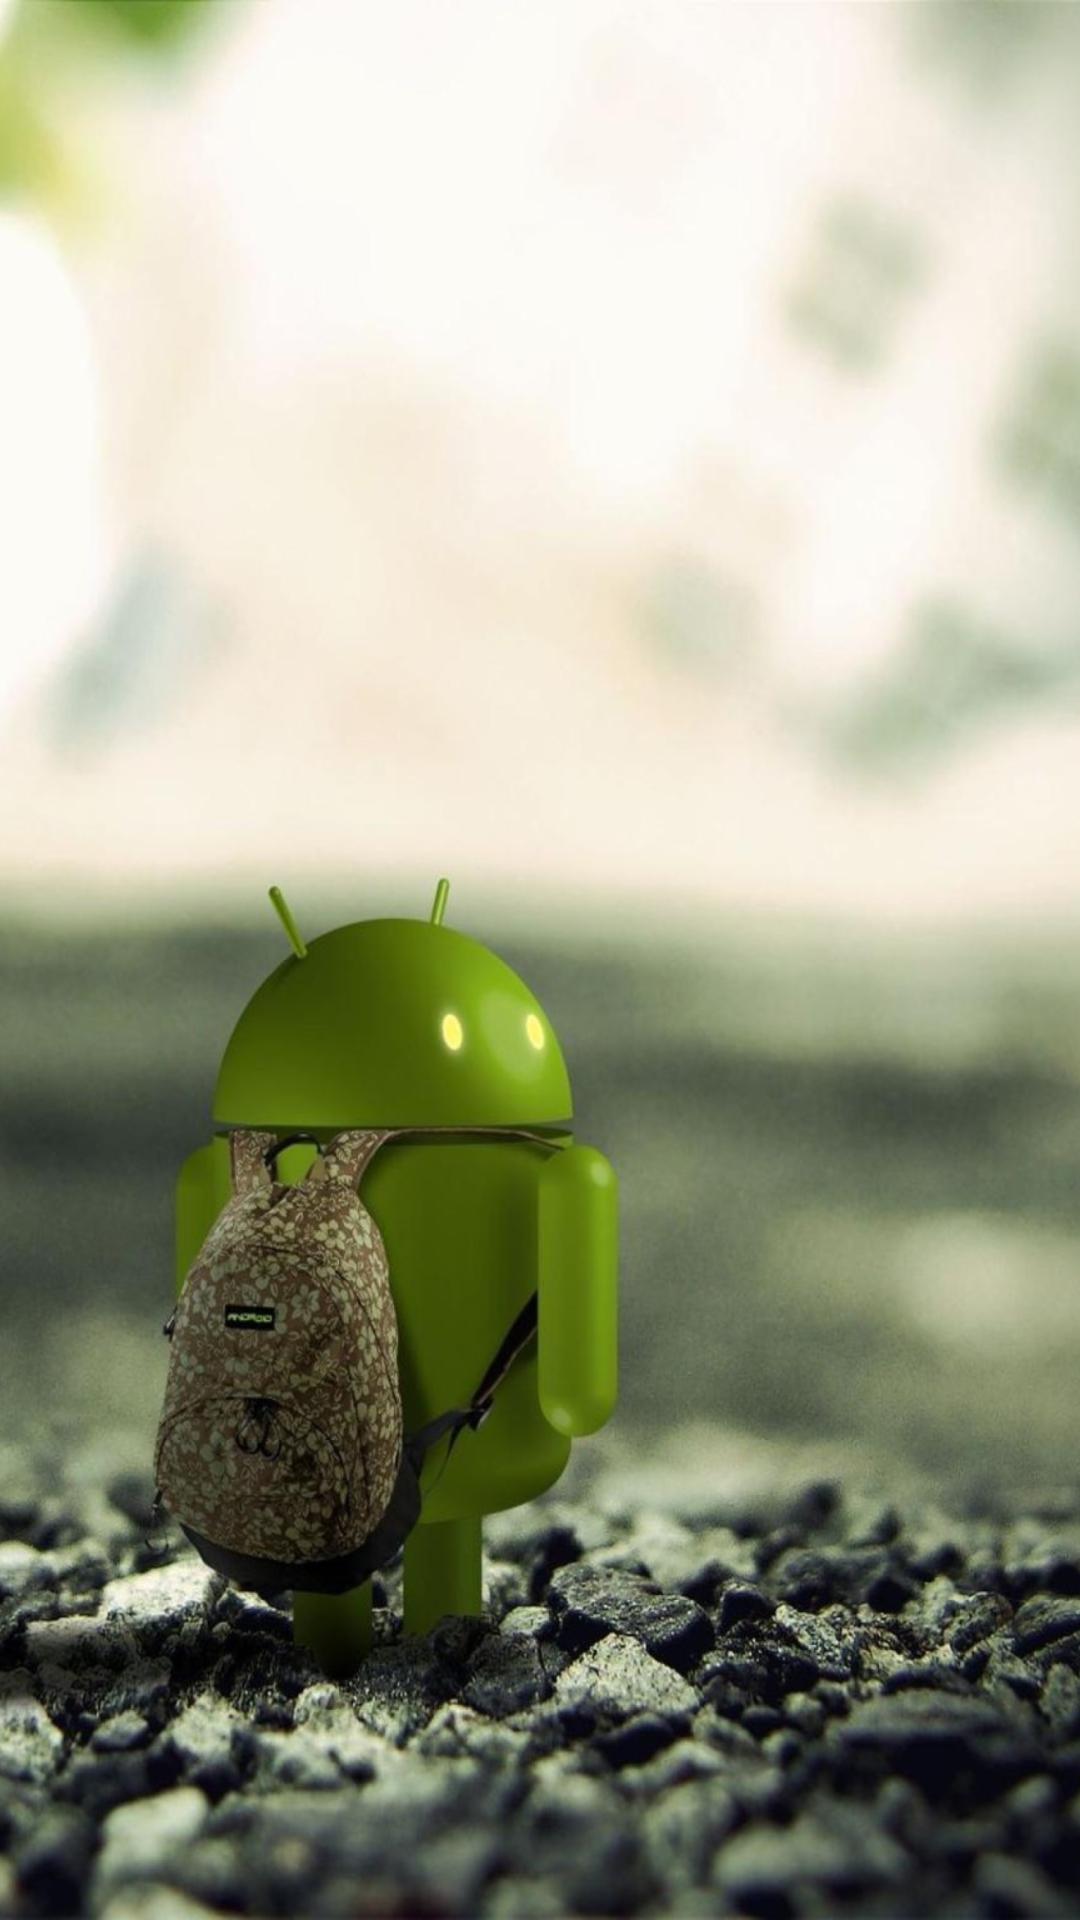 Обои На Телефон Андроид HD Вертикальные